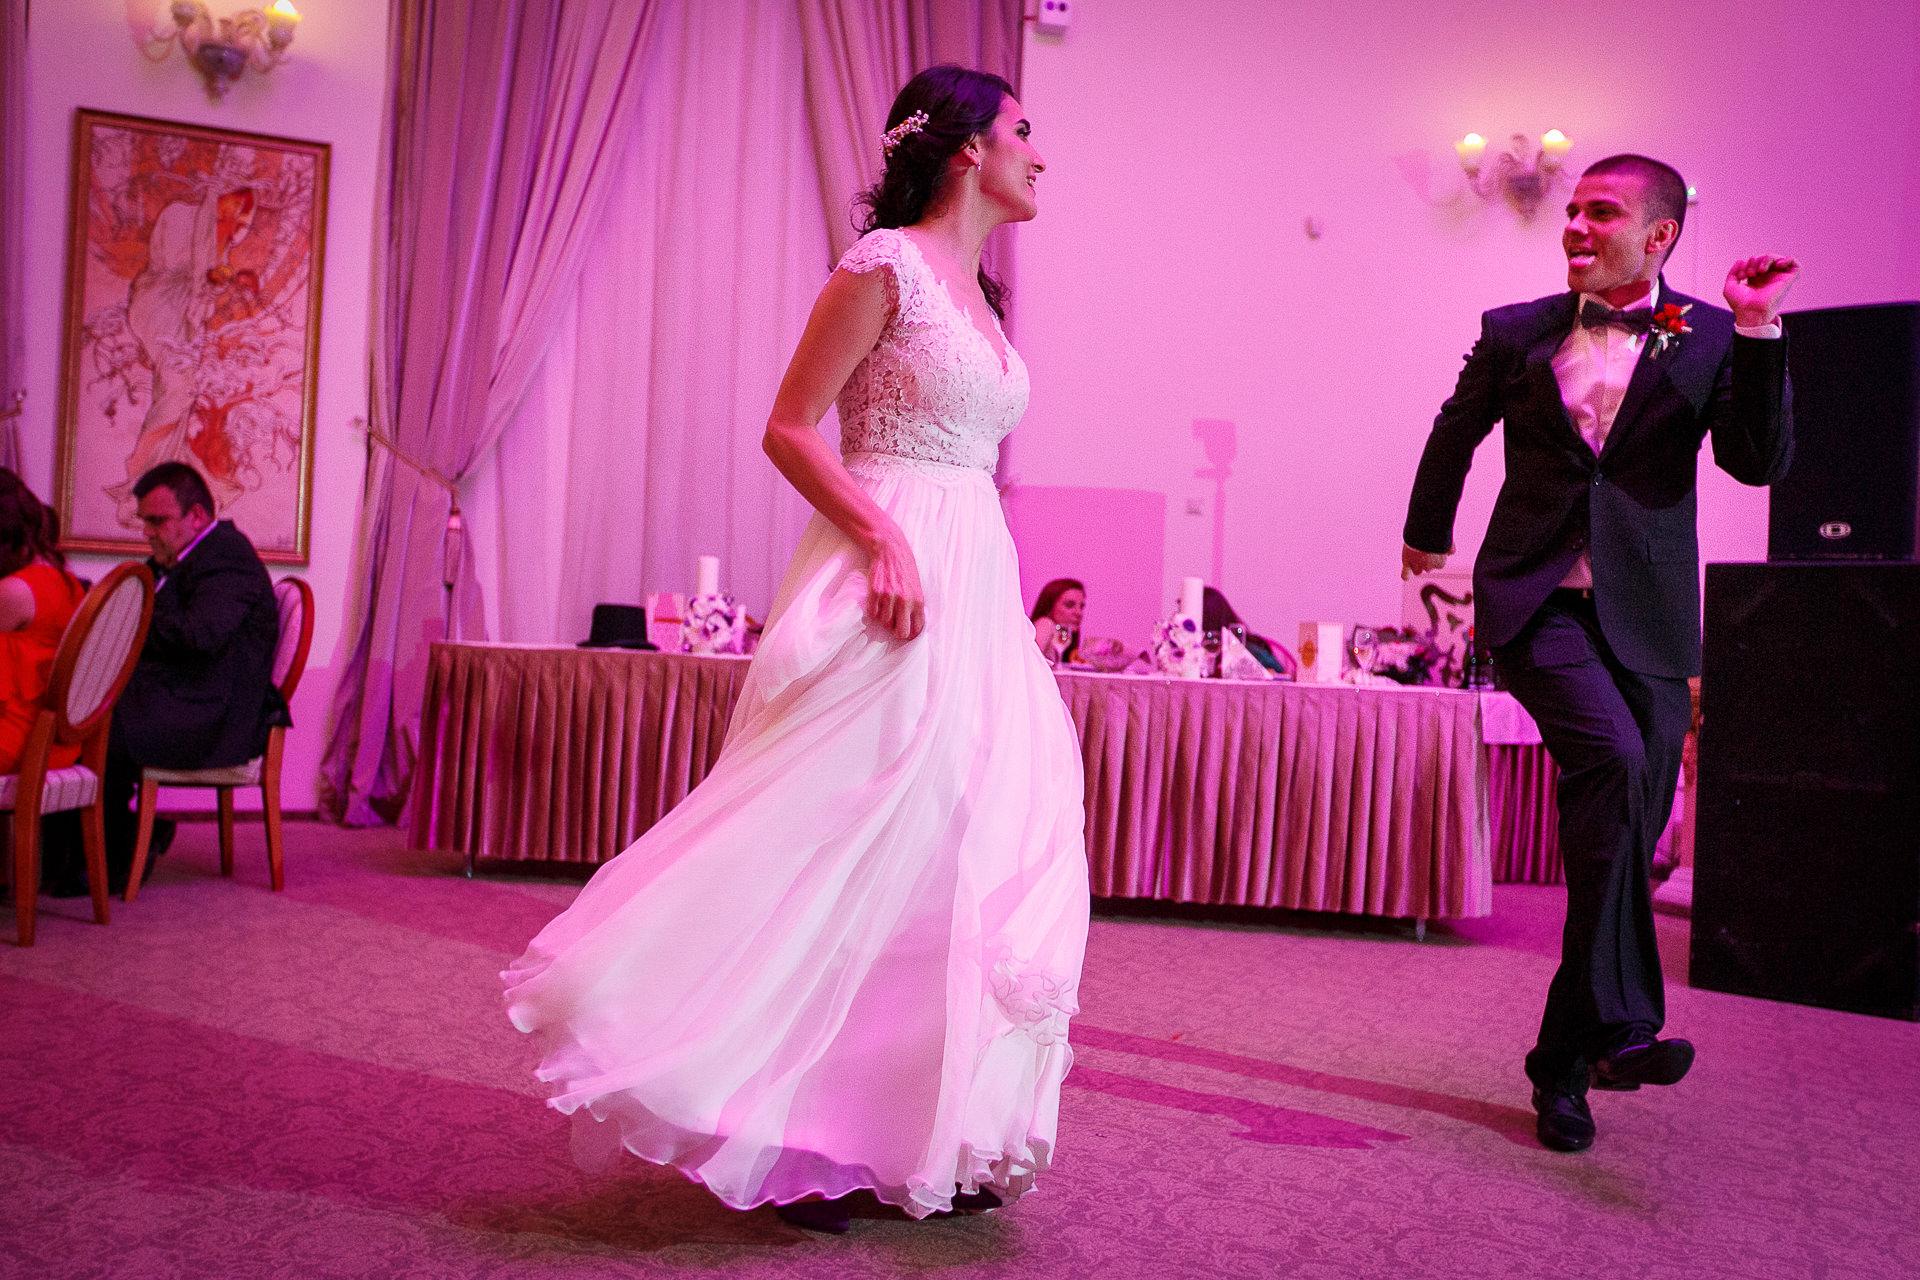 nuntă Salon Elisabeta - Elena şi Costin - Mihai Zaharia Photography - 077